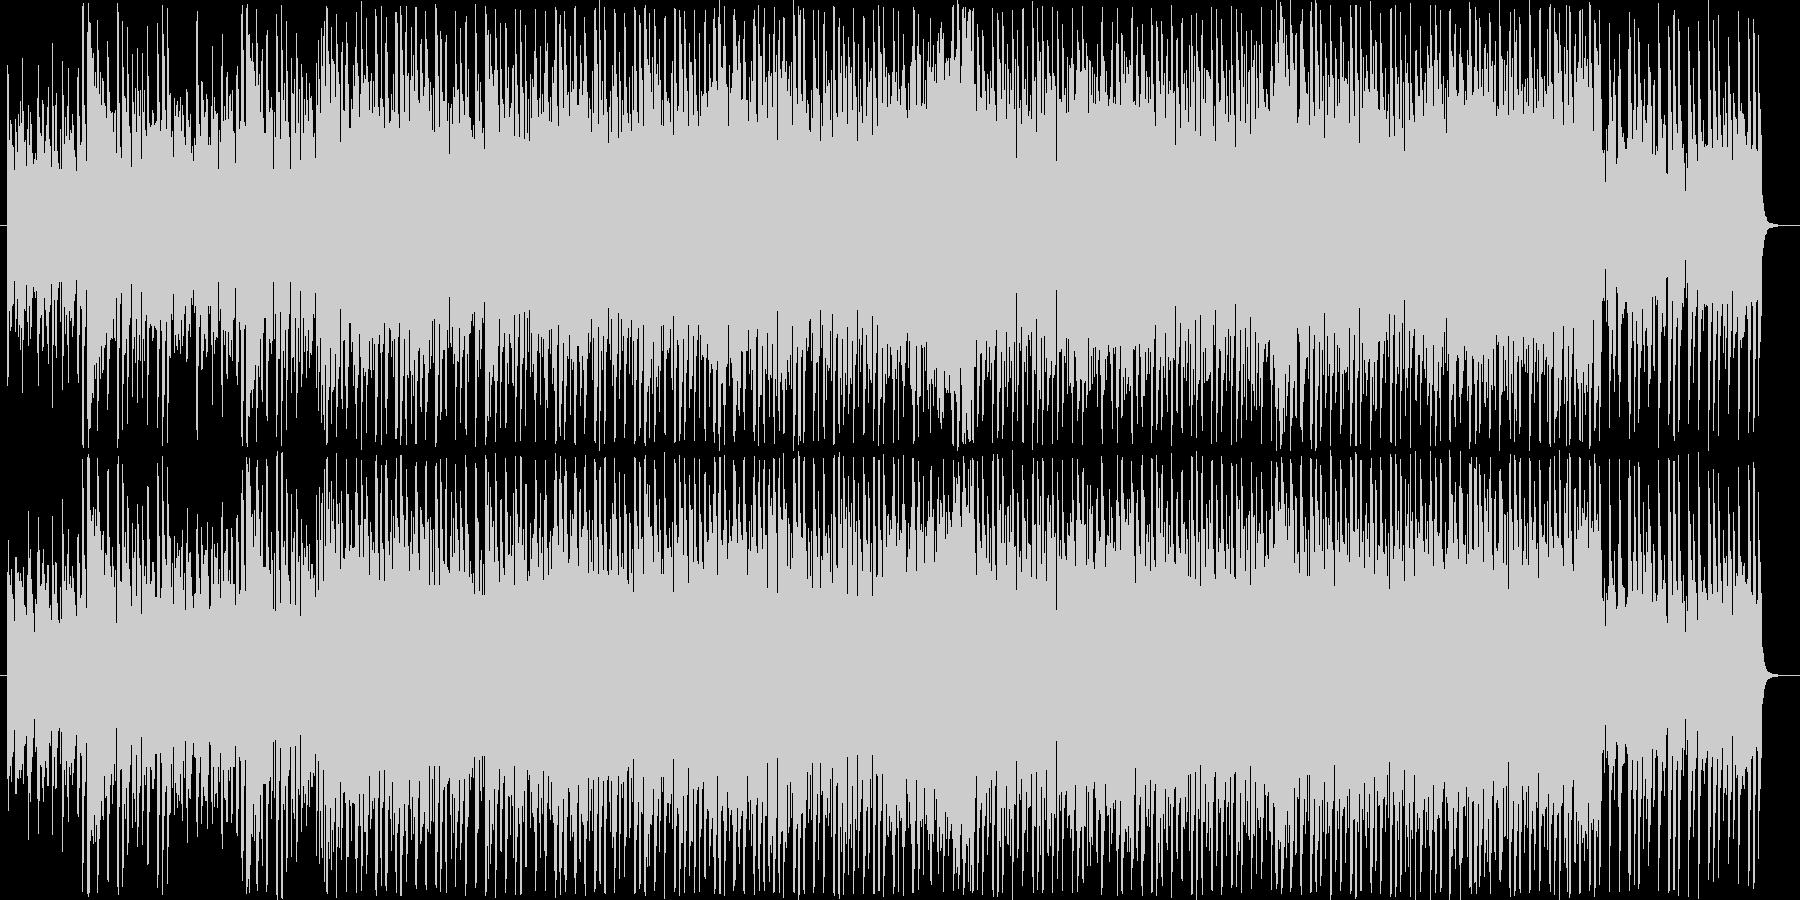 金属的なフニャフニャ音のダンス曲の未再生の波形